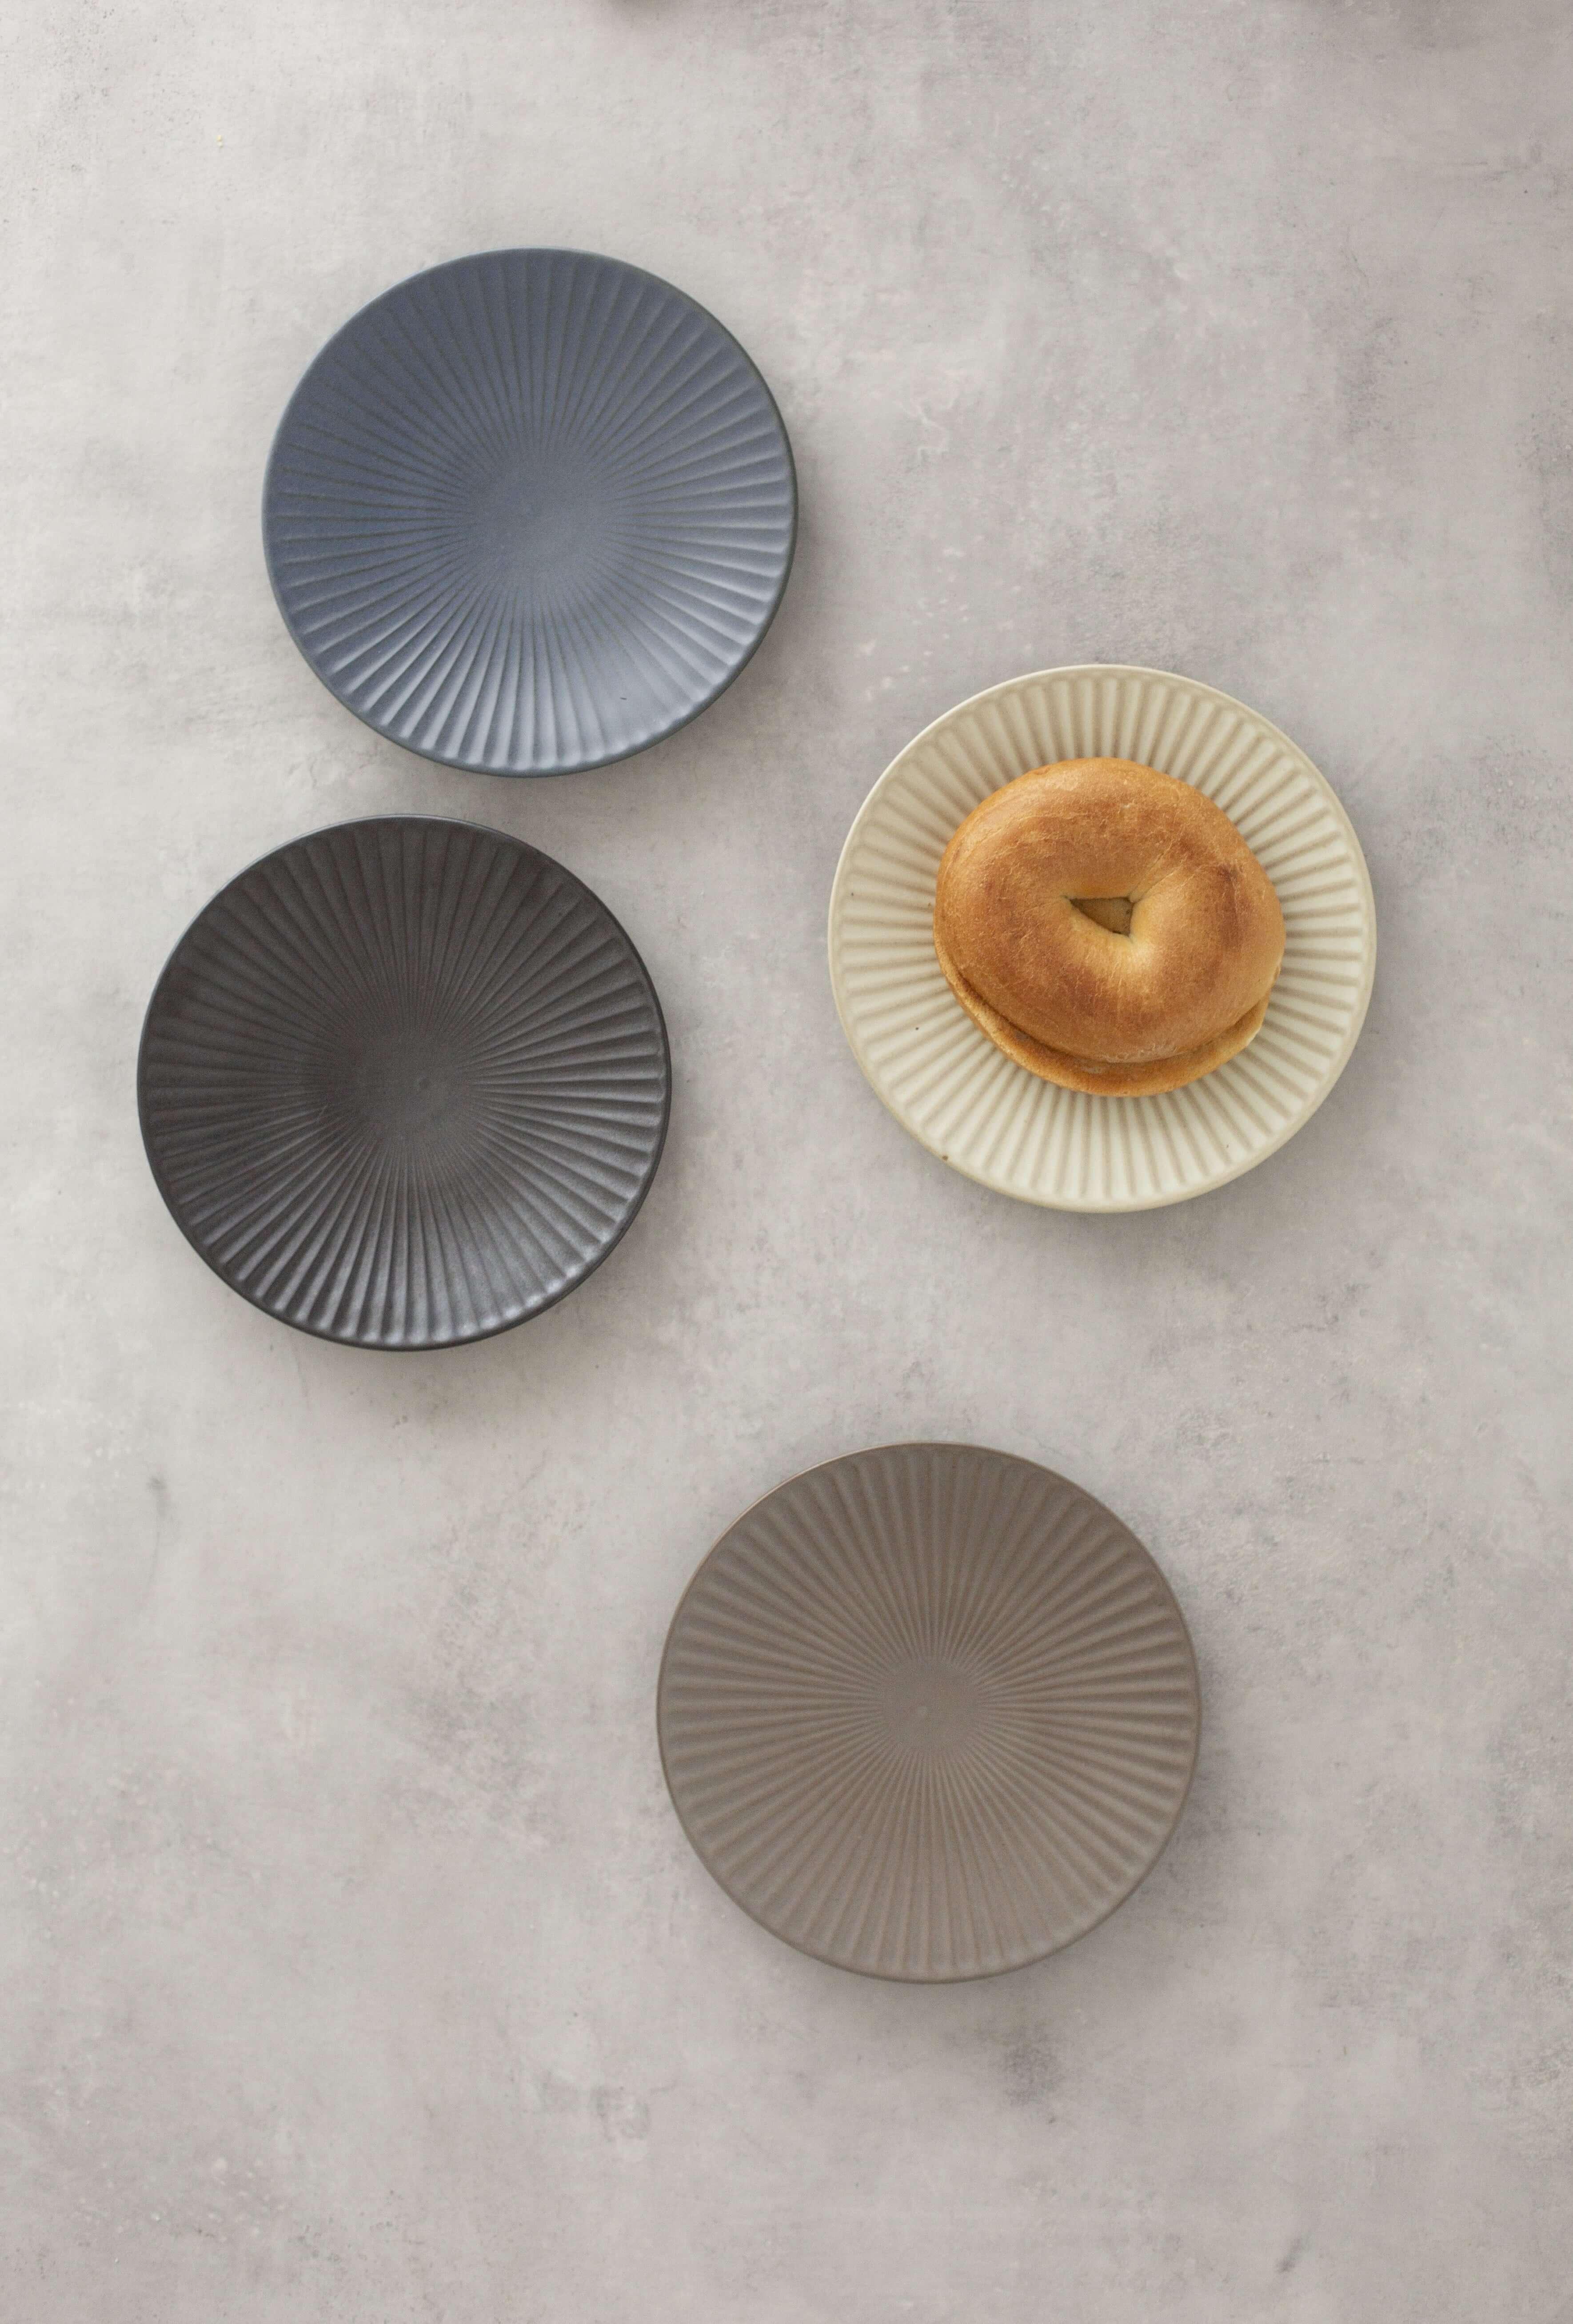 Handmade Ceramics Korean Oseo plate, 19cm size